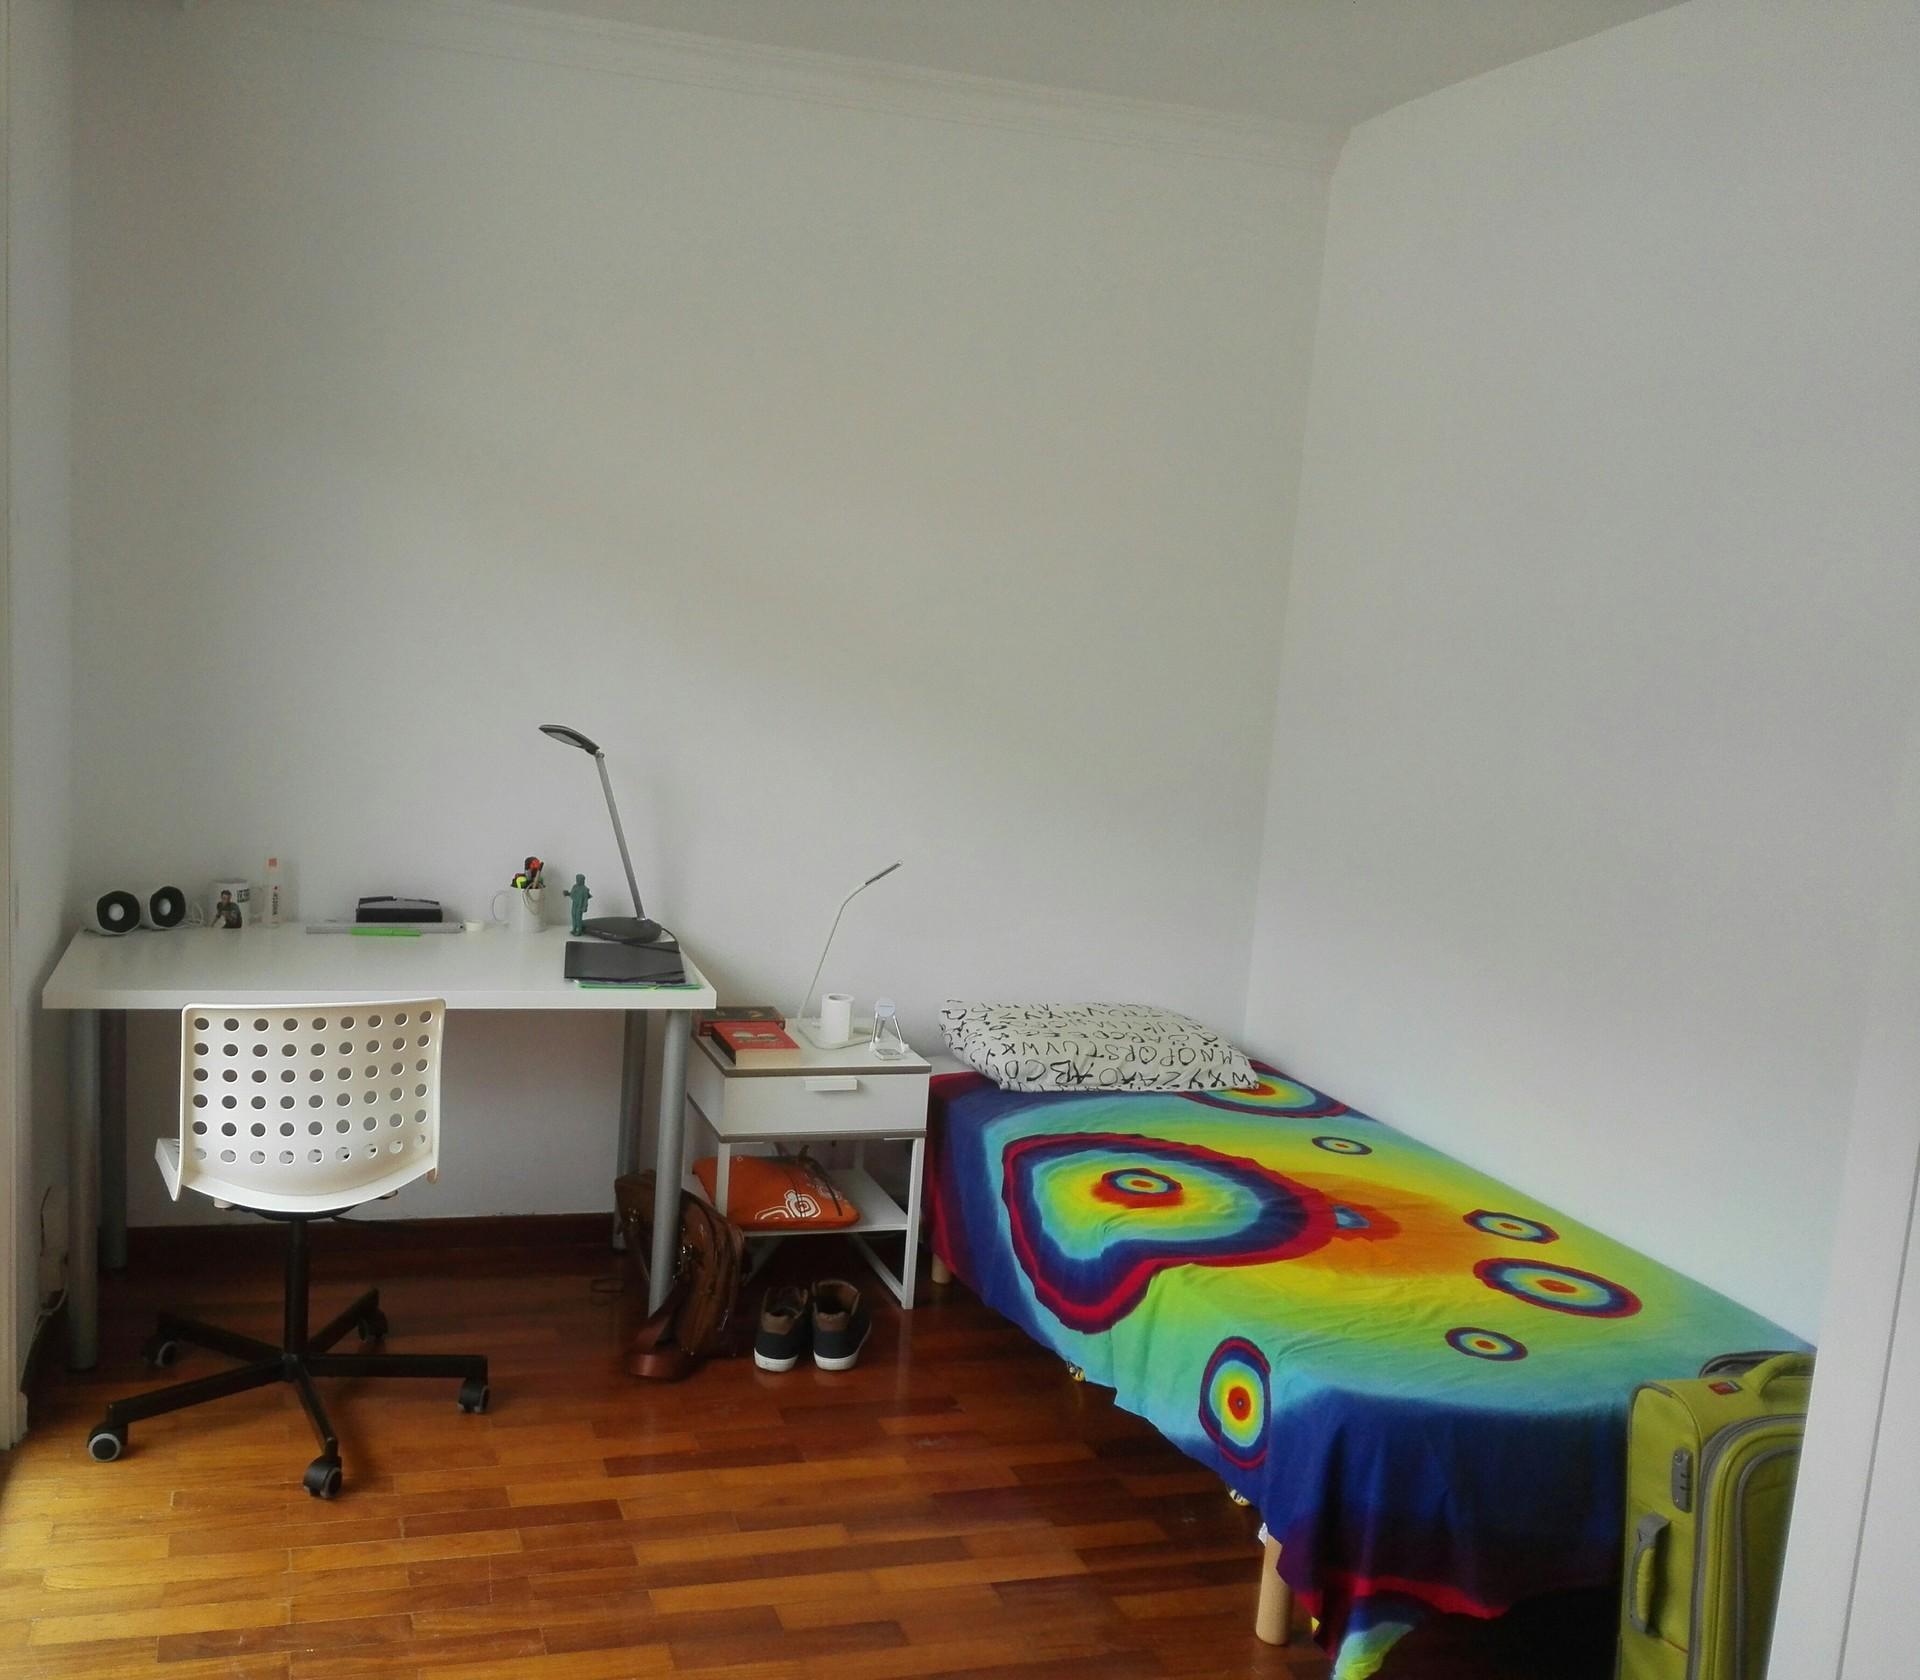 habitacion-amplia-balcon-propio-zona-obelisco-a8fd3876d19d8f8dbabd8a1566a706e8